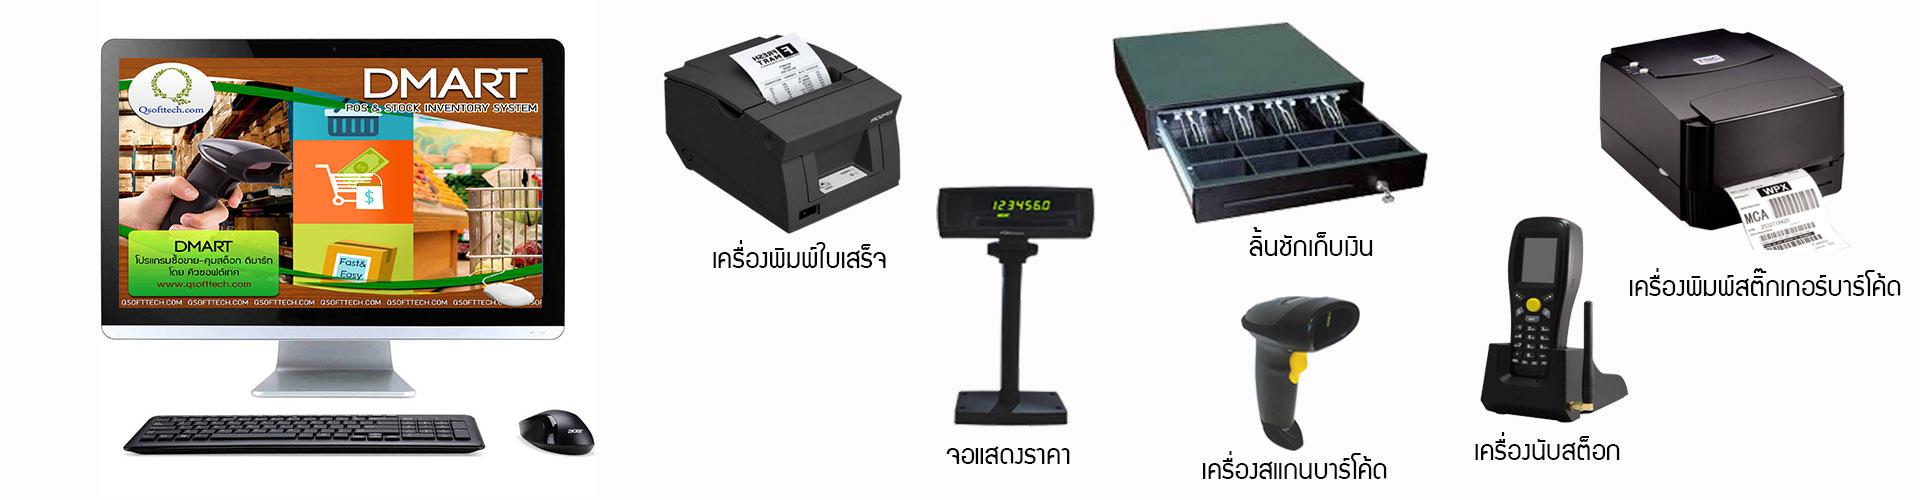 อุปกรณ์pos ที่ใช้ในโปรแกรมขายหน้าร้าน dmart